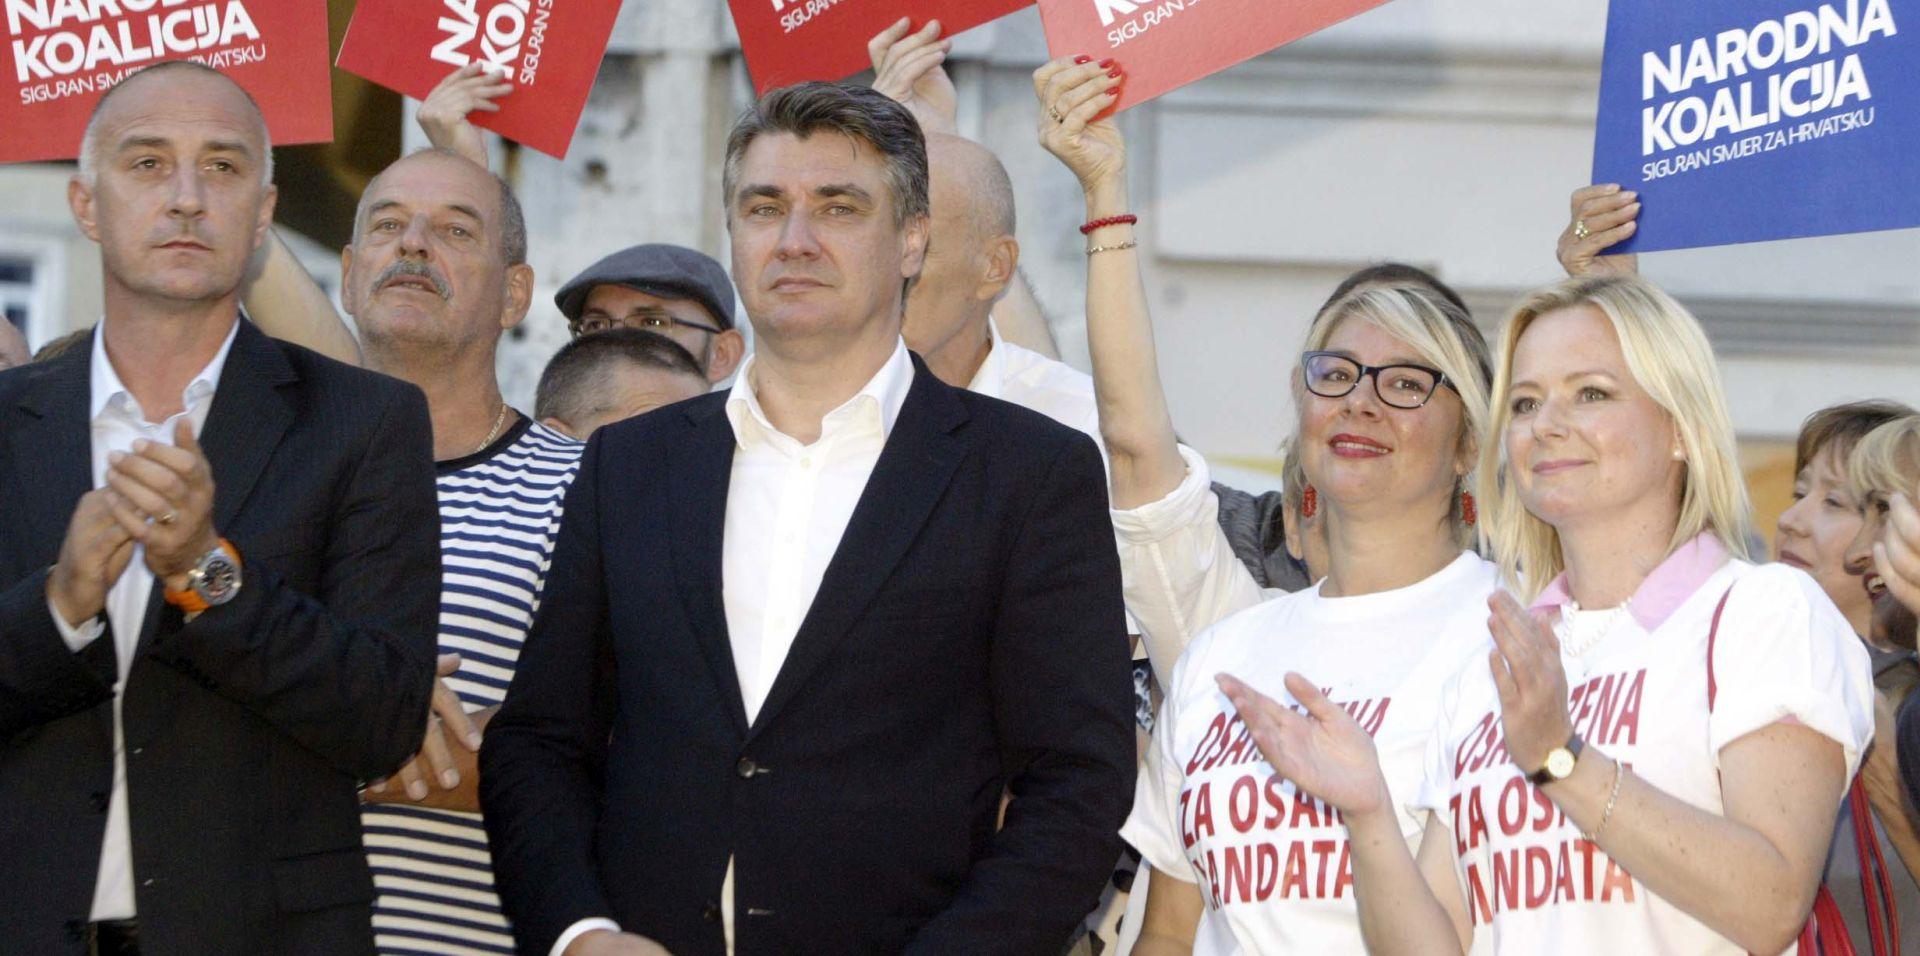 MILANOVIĆ: Hrvatska mora za 20 godina biti među 15 najrazvijenijih zemalja EU